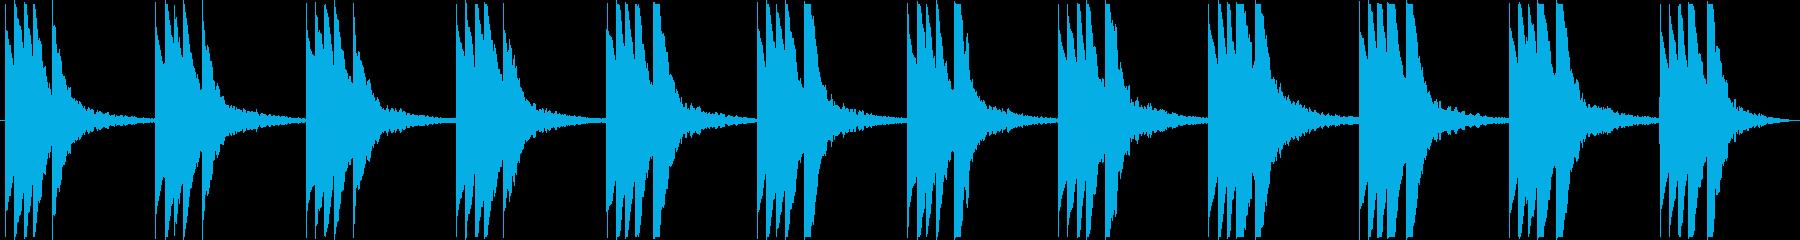 複雑な雰囲気のBGMの再生済みの波形